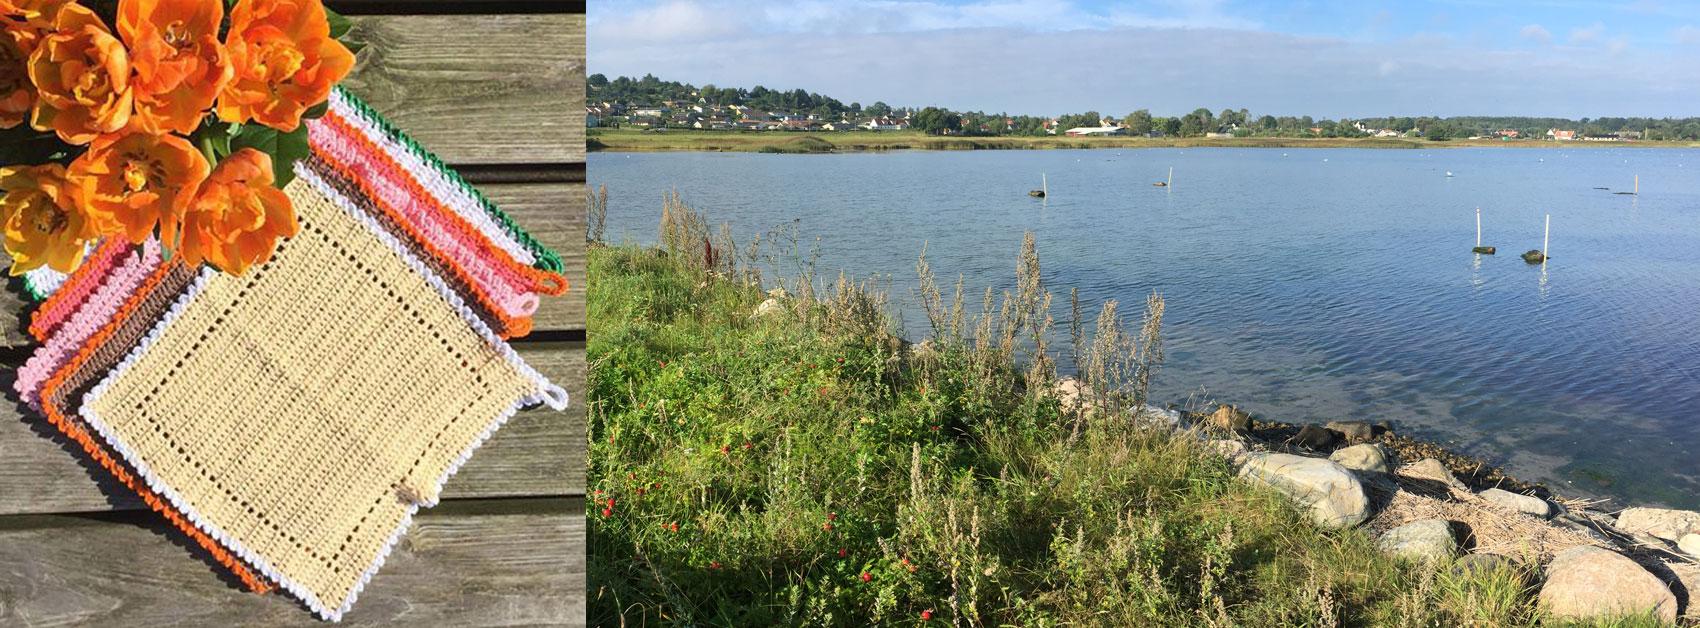 Blog om miljøvenlige hæklede og strikkede karklude i øko bomuldsgarn, om mikroplast og genbrug. Foto: Marianne Porsborg v/Kignæs og Roskilde Fjord